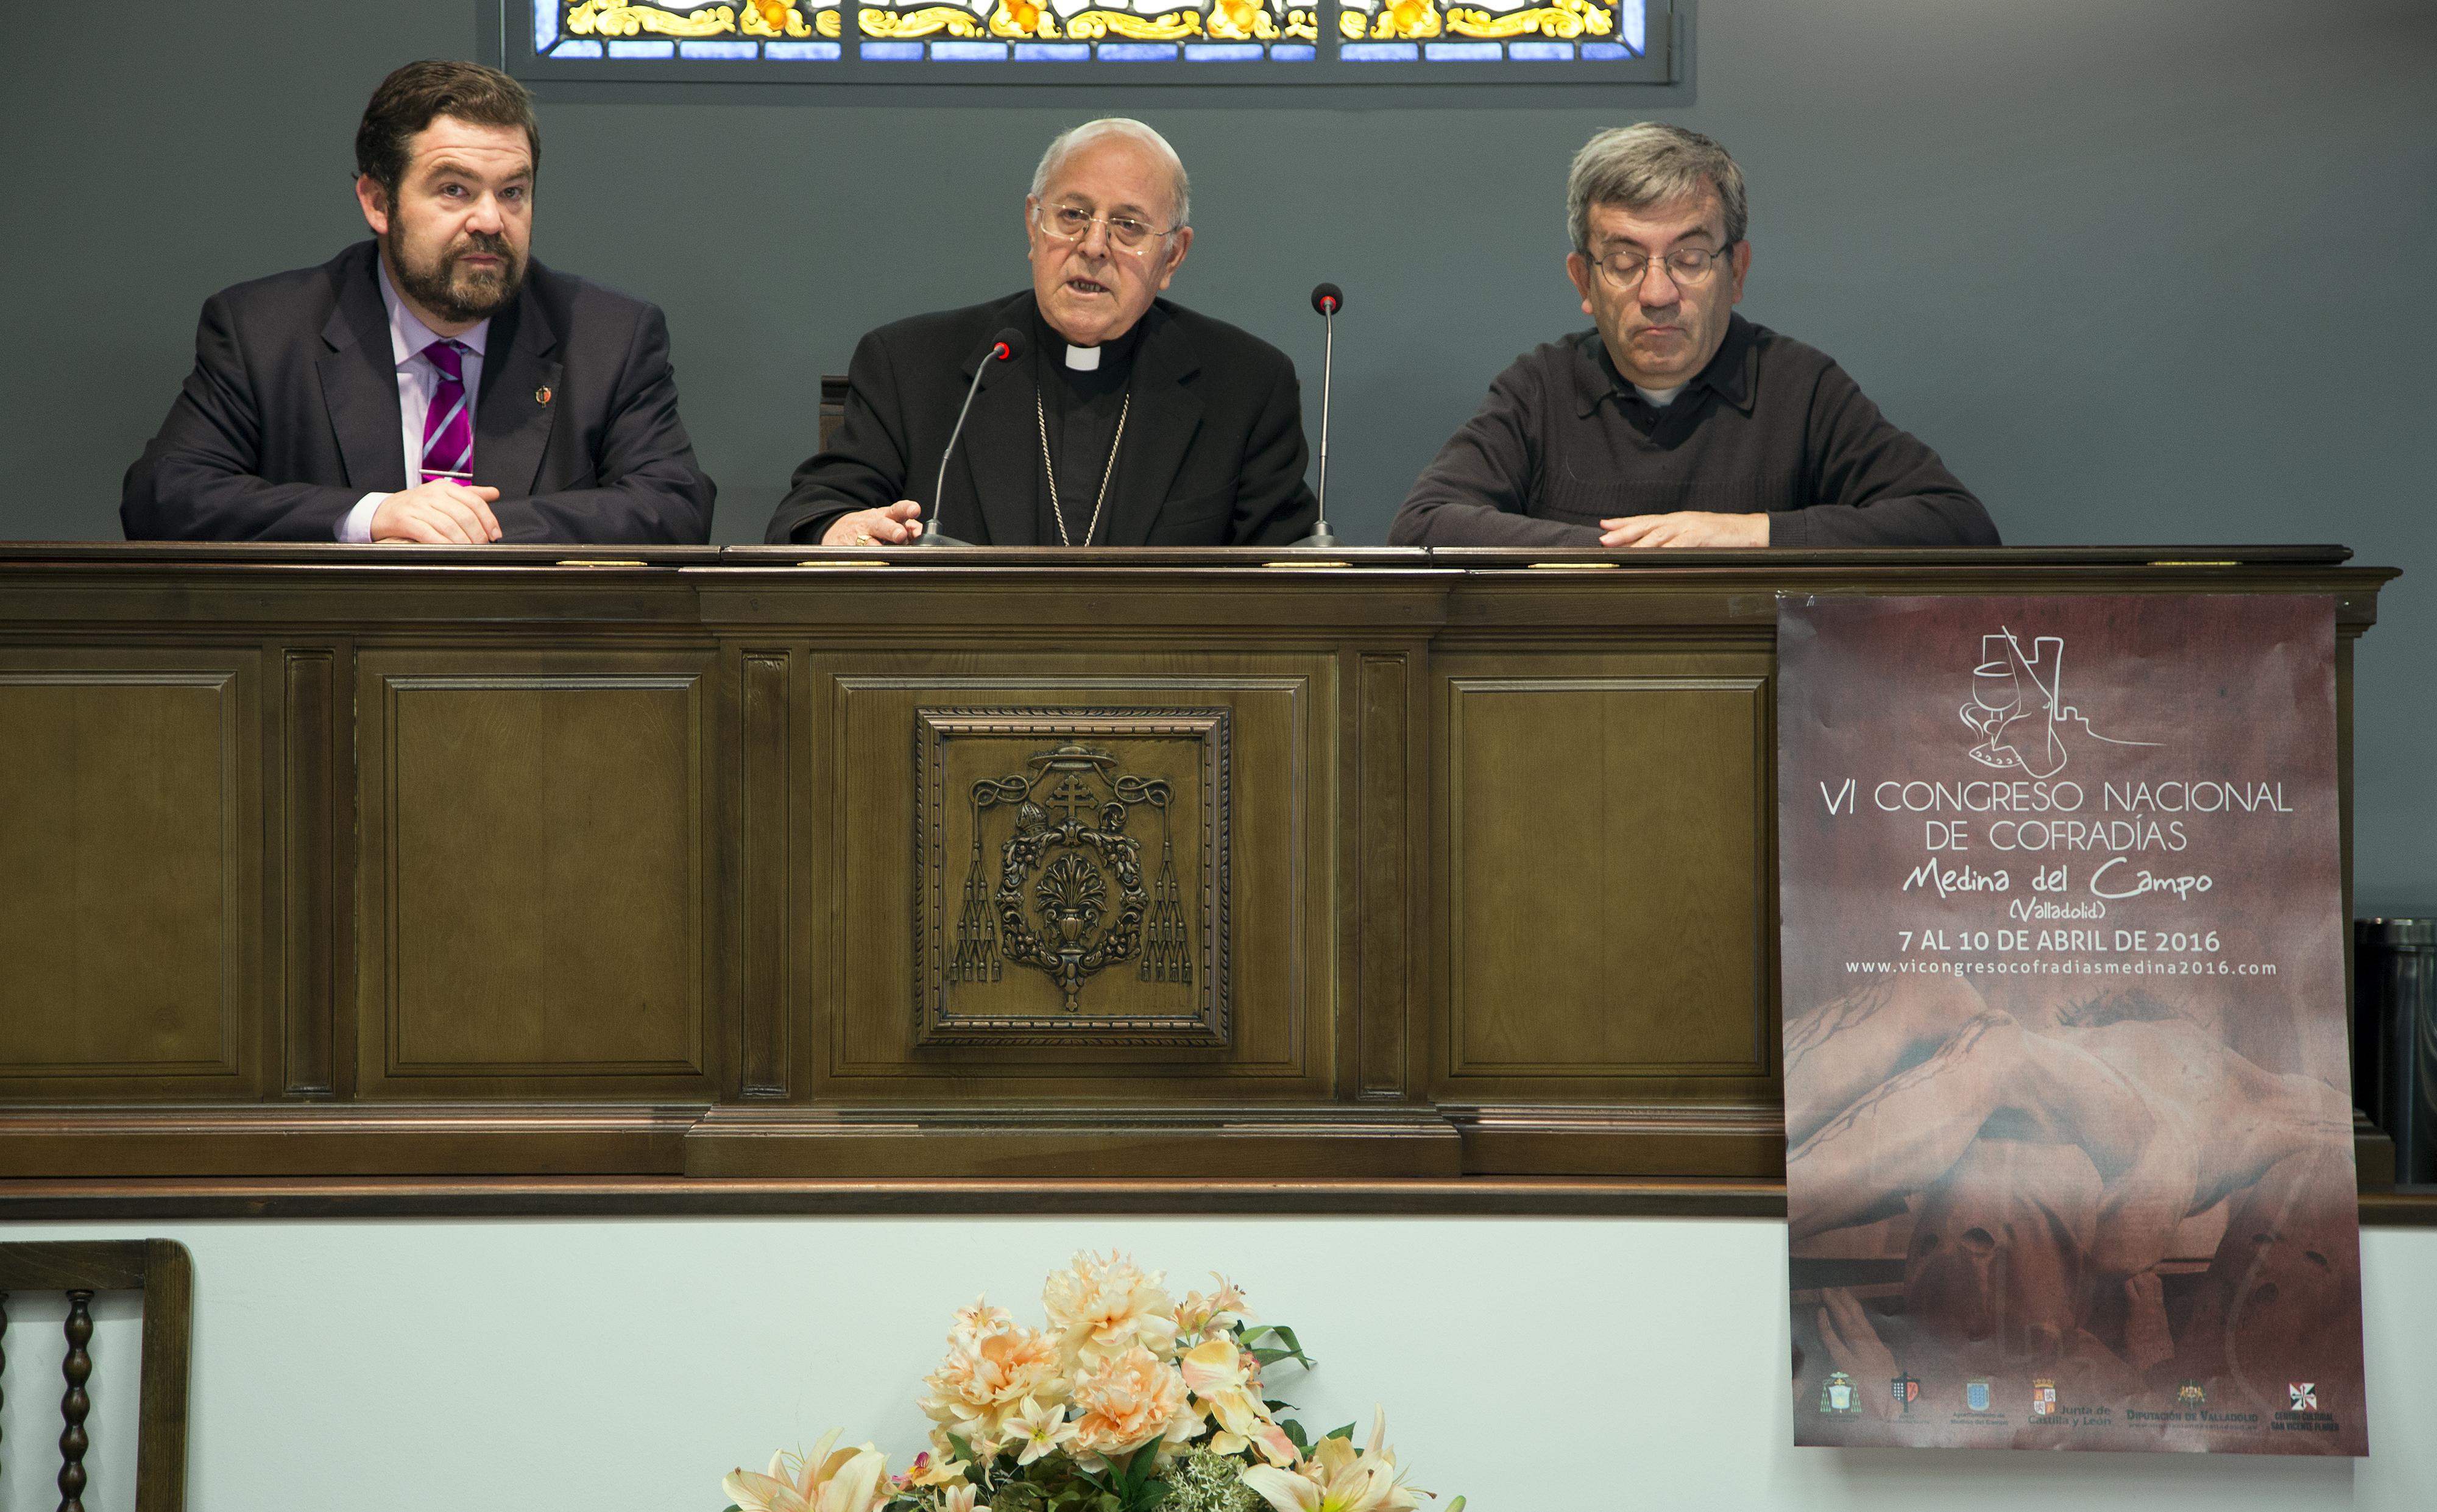 Presentación del VI Congreso en el Arzobispado de Valladolid